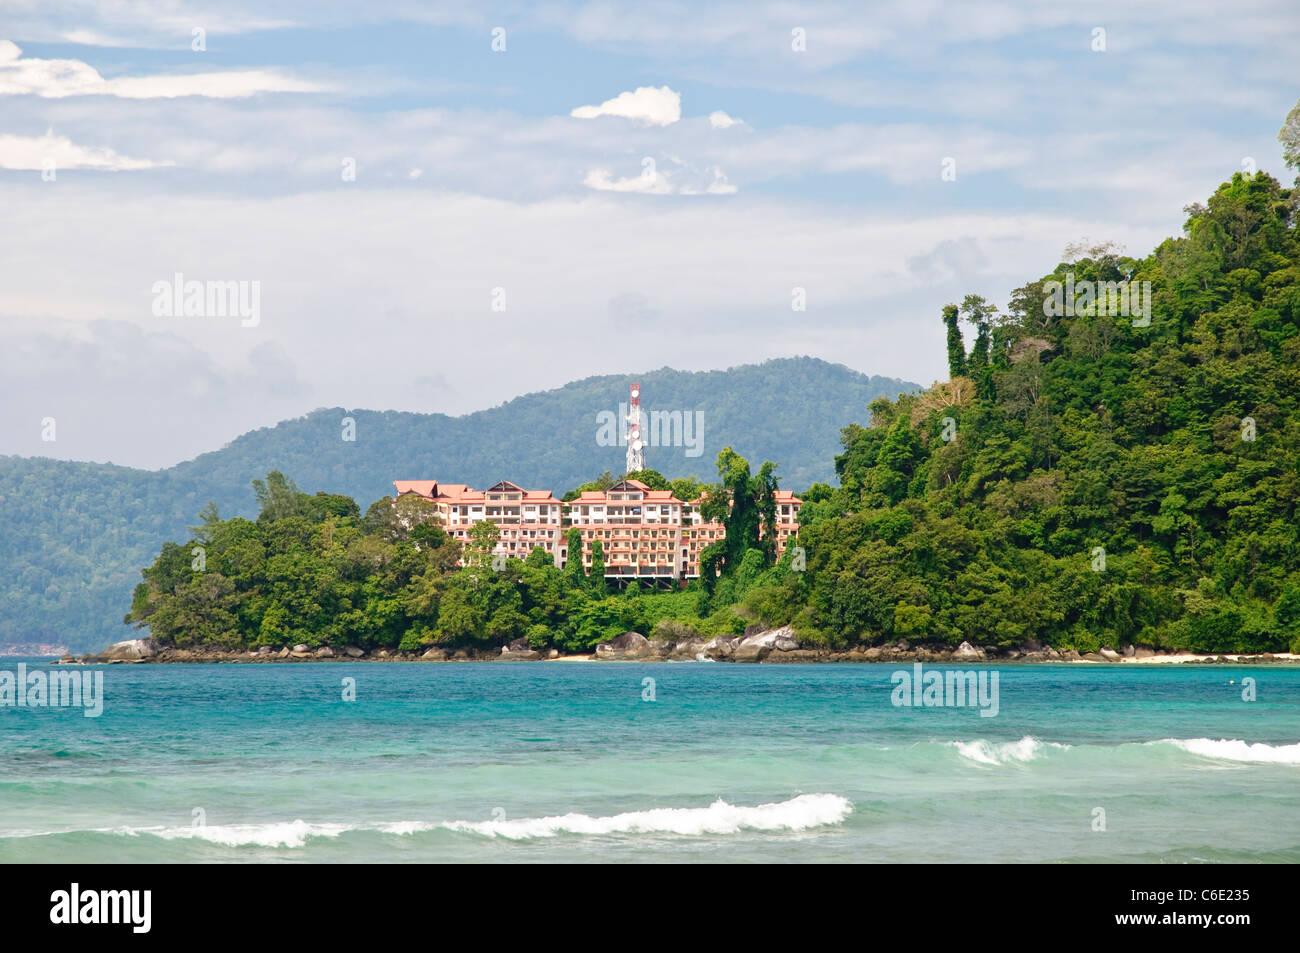 El Berjaya Tioman Island Resort en la parte de atrás, la isla de Pulau Tioman, Malasia, Sudeste Asiático, Asia Foto de stock